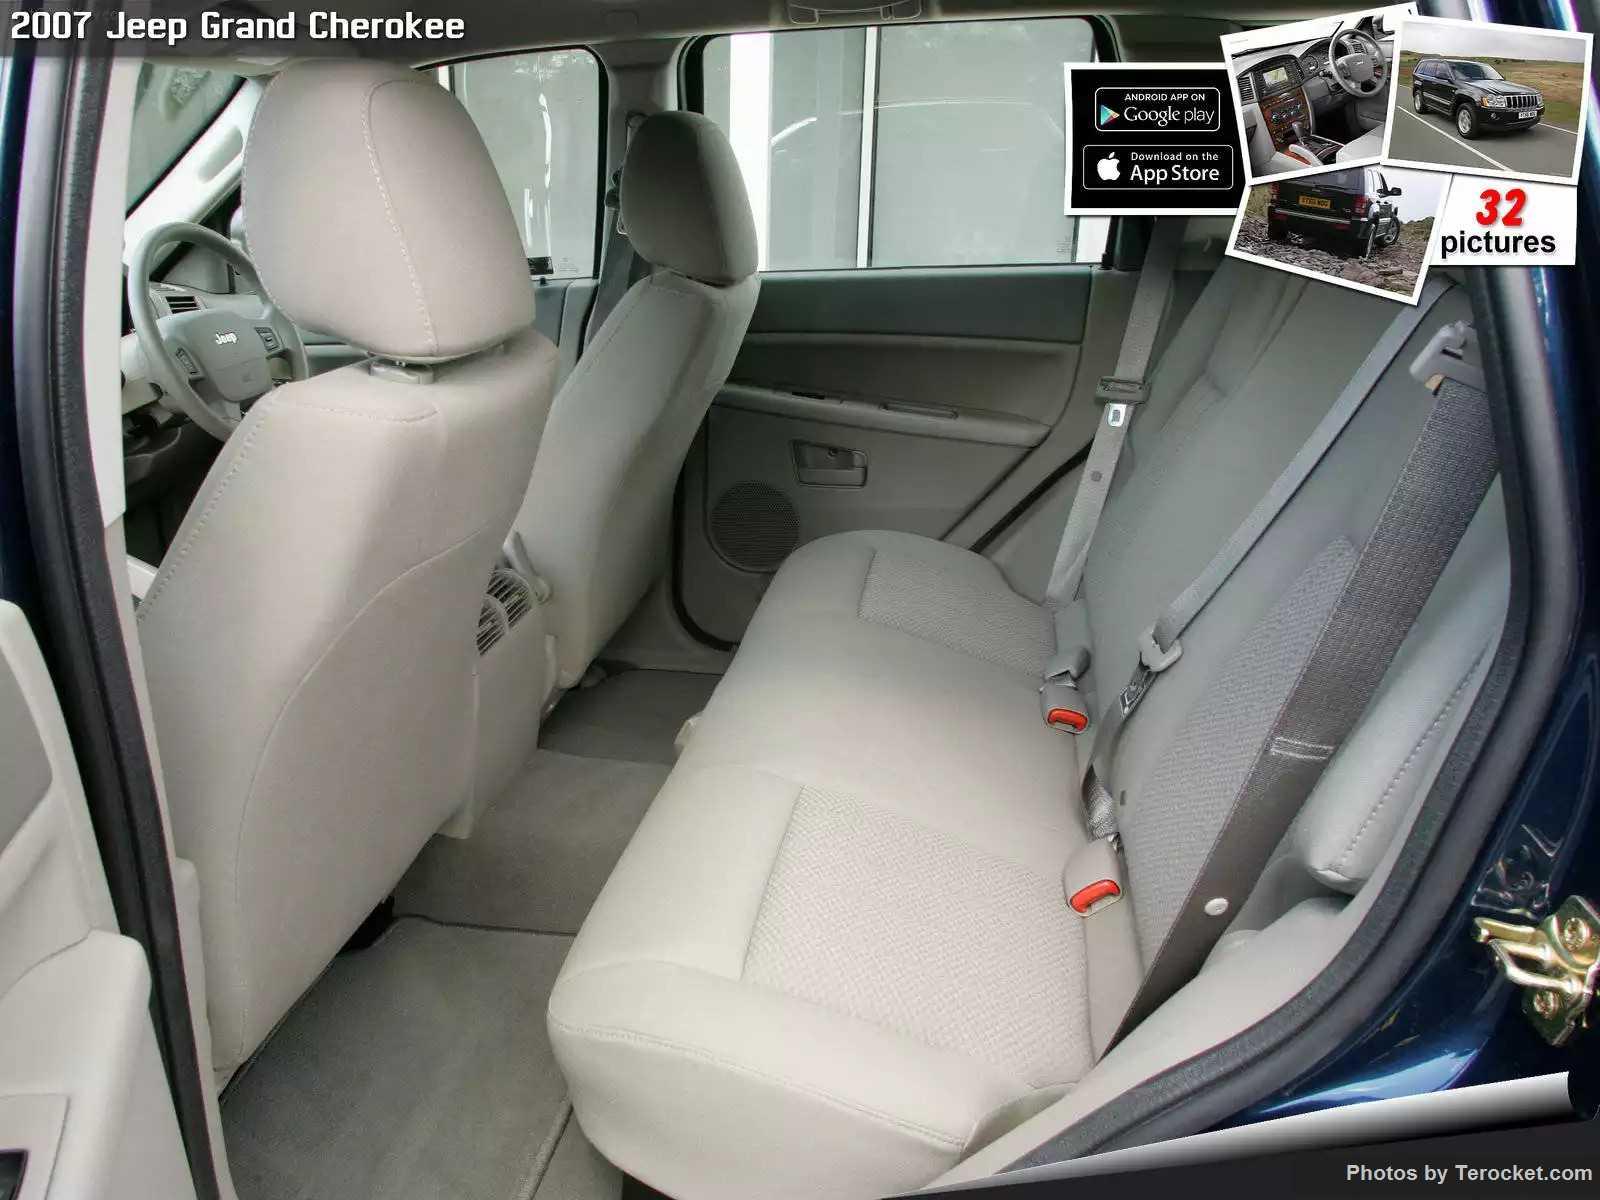 Hình ảnh xe ô tô Jeep Grand Cherokee UK Version 2007 & nội ngoại thất